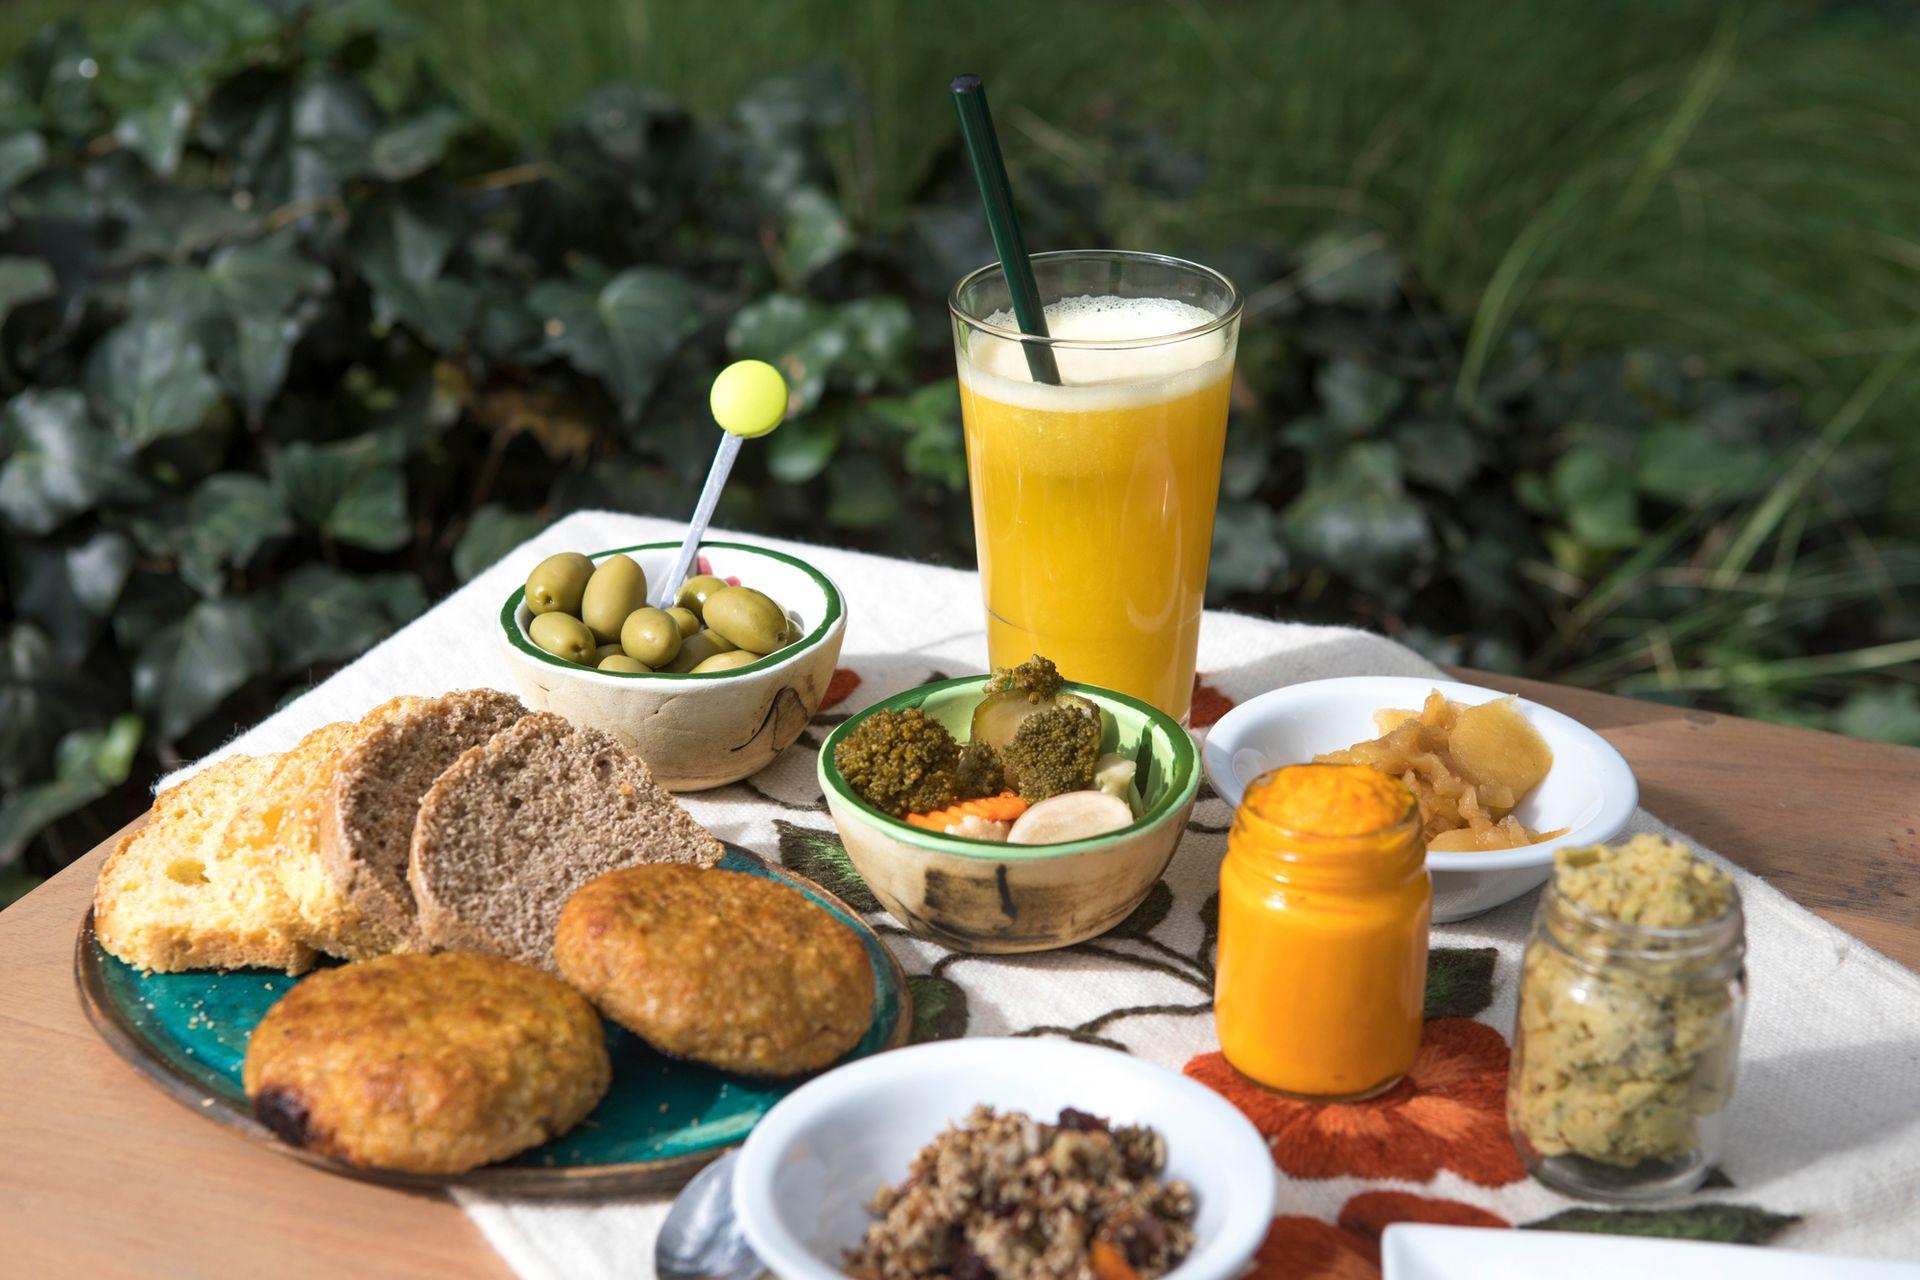 El menú saludable a base de productos orgánicos, pilar de Las Dalias.